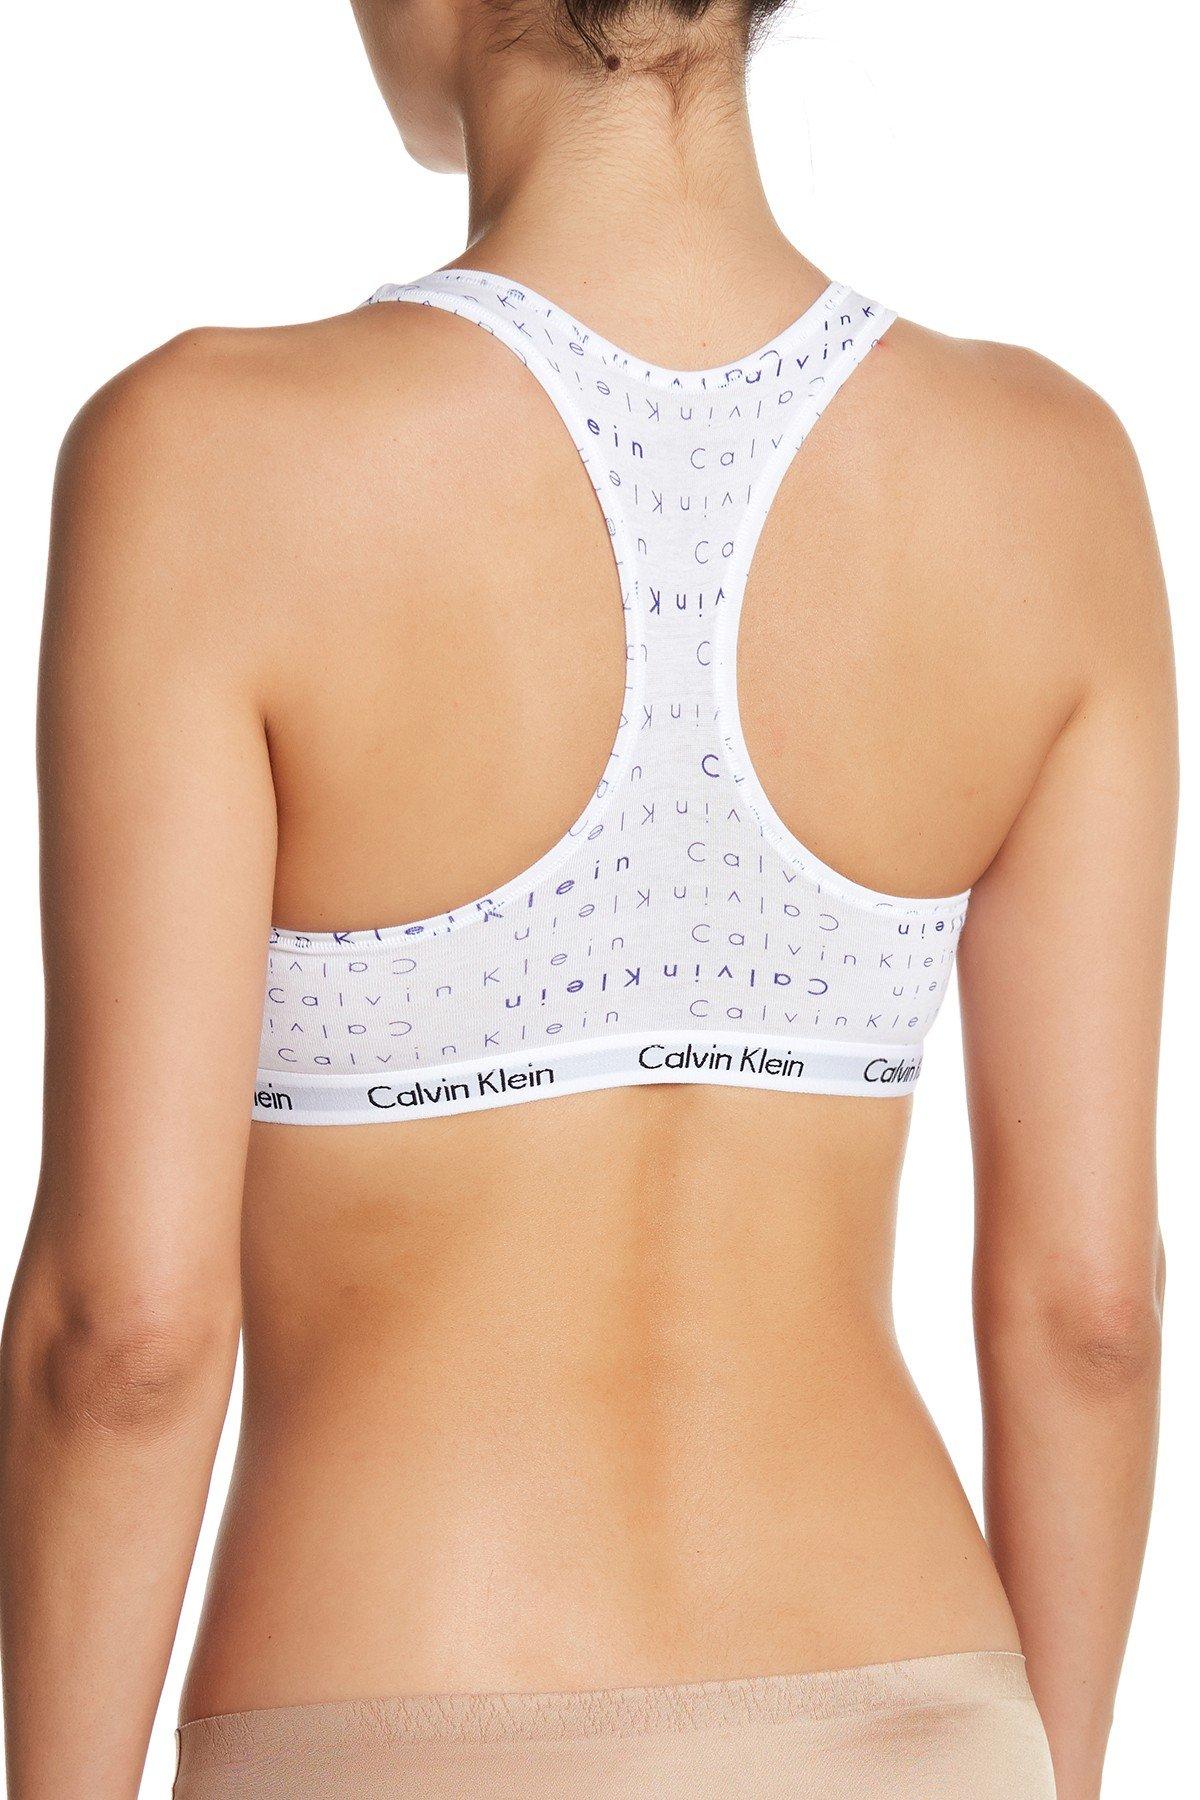 Calvin Klein Women`s Modern Cotton Bralette 1 Pack (White/Purple Print, Medium) by Calvin Klein (Image #2)